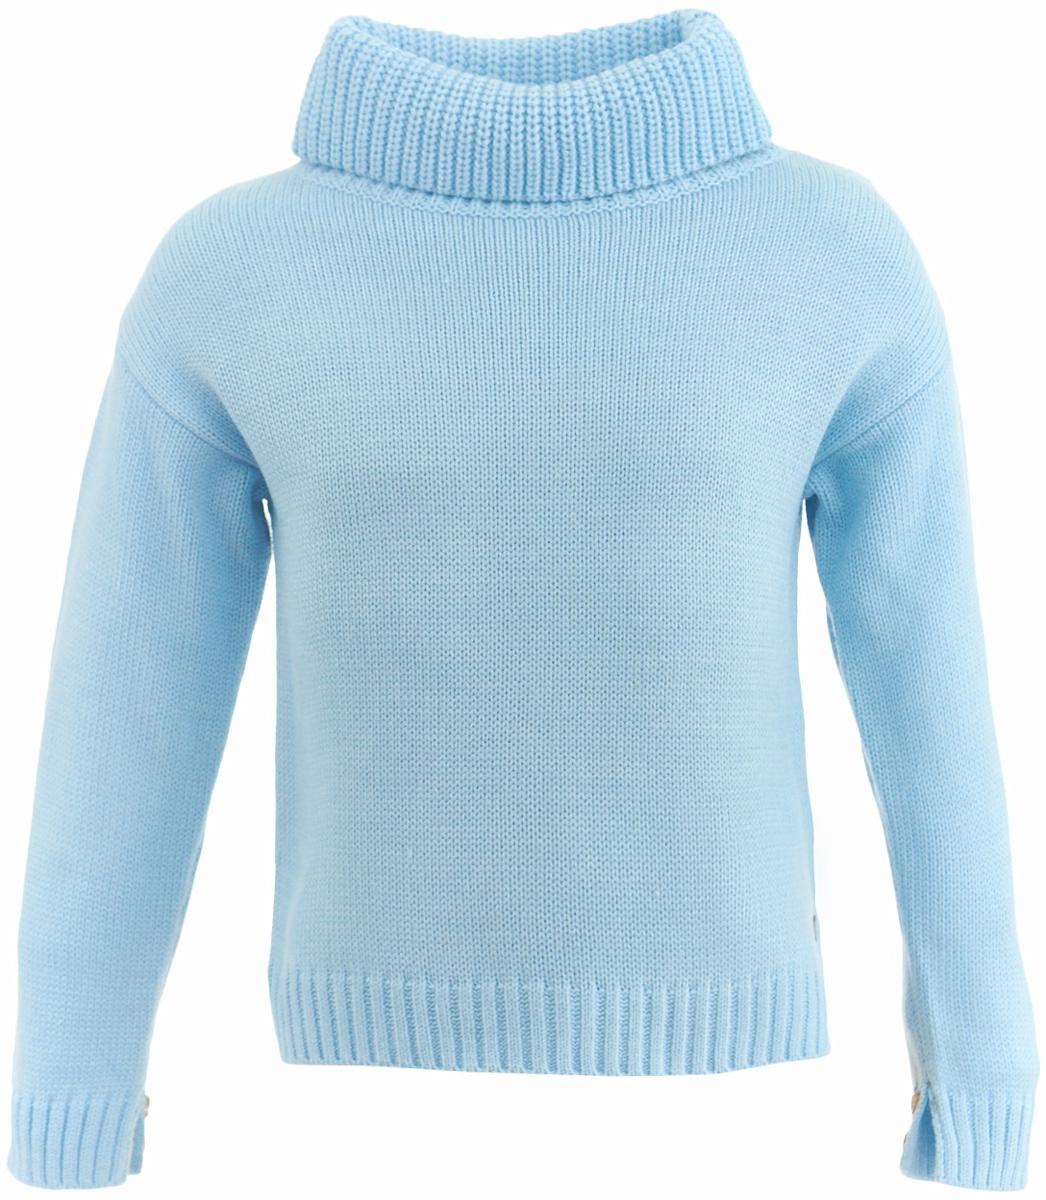 Свитер для девочки Button Blue, цвет: голубой. 217BBGC35041800. Размер 134, 9 лет217BBGC35041800Купить модный свитер для девочки - задача не из простых. А купить модный свитер недорого еще сложнее! Ведь он должен не только согревать, но и быть стильным, интересным, формируя зимний образ ребенка. Детский свитер от Button Blue - достойное и выгодное приобретение. Мягкая пряжа, свободный прямой силуэт, боковые разрезы делают свитер привлекательным. Вязаный свитер - отличный вариант для тех, кто ценит тепло, уют и комфорт.